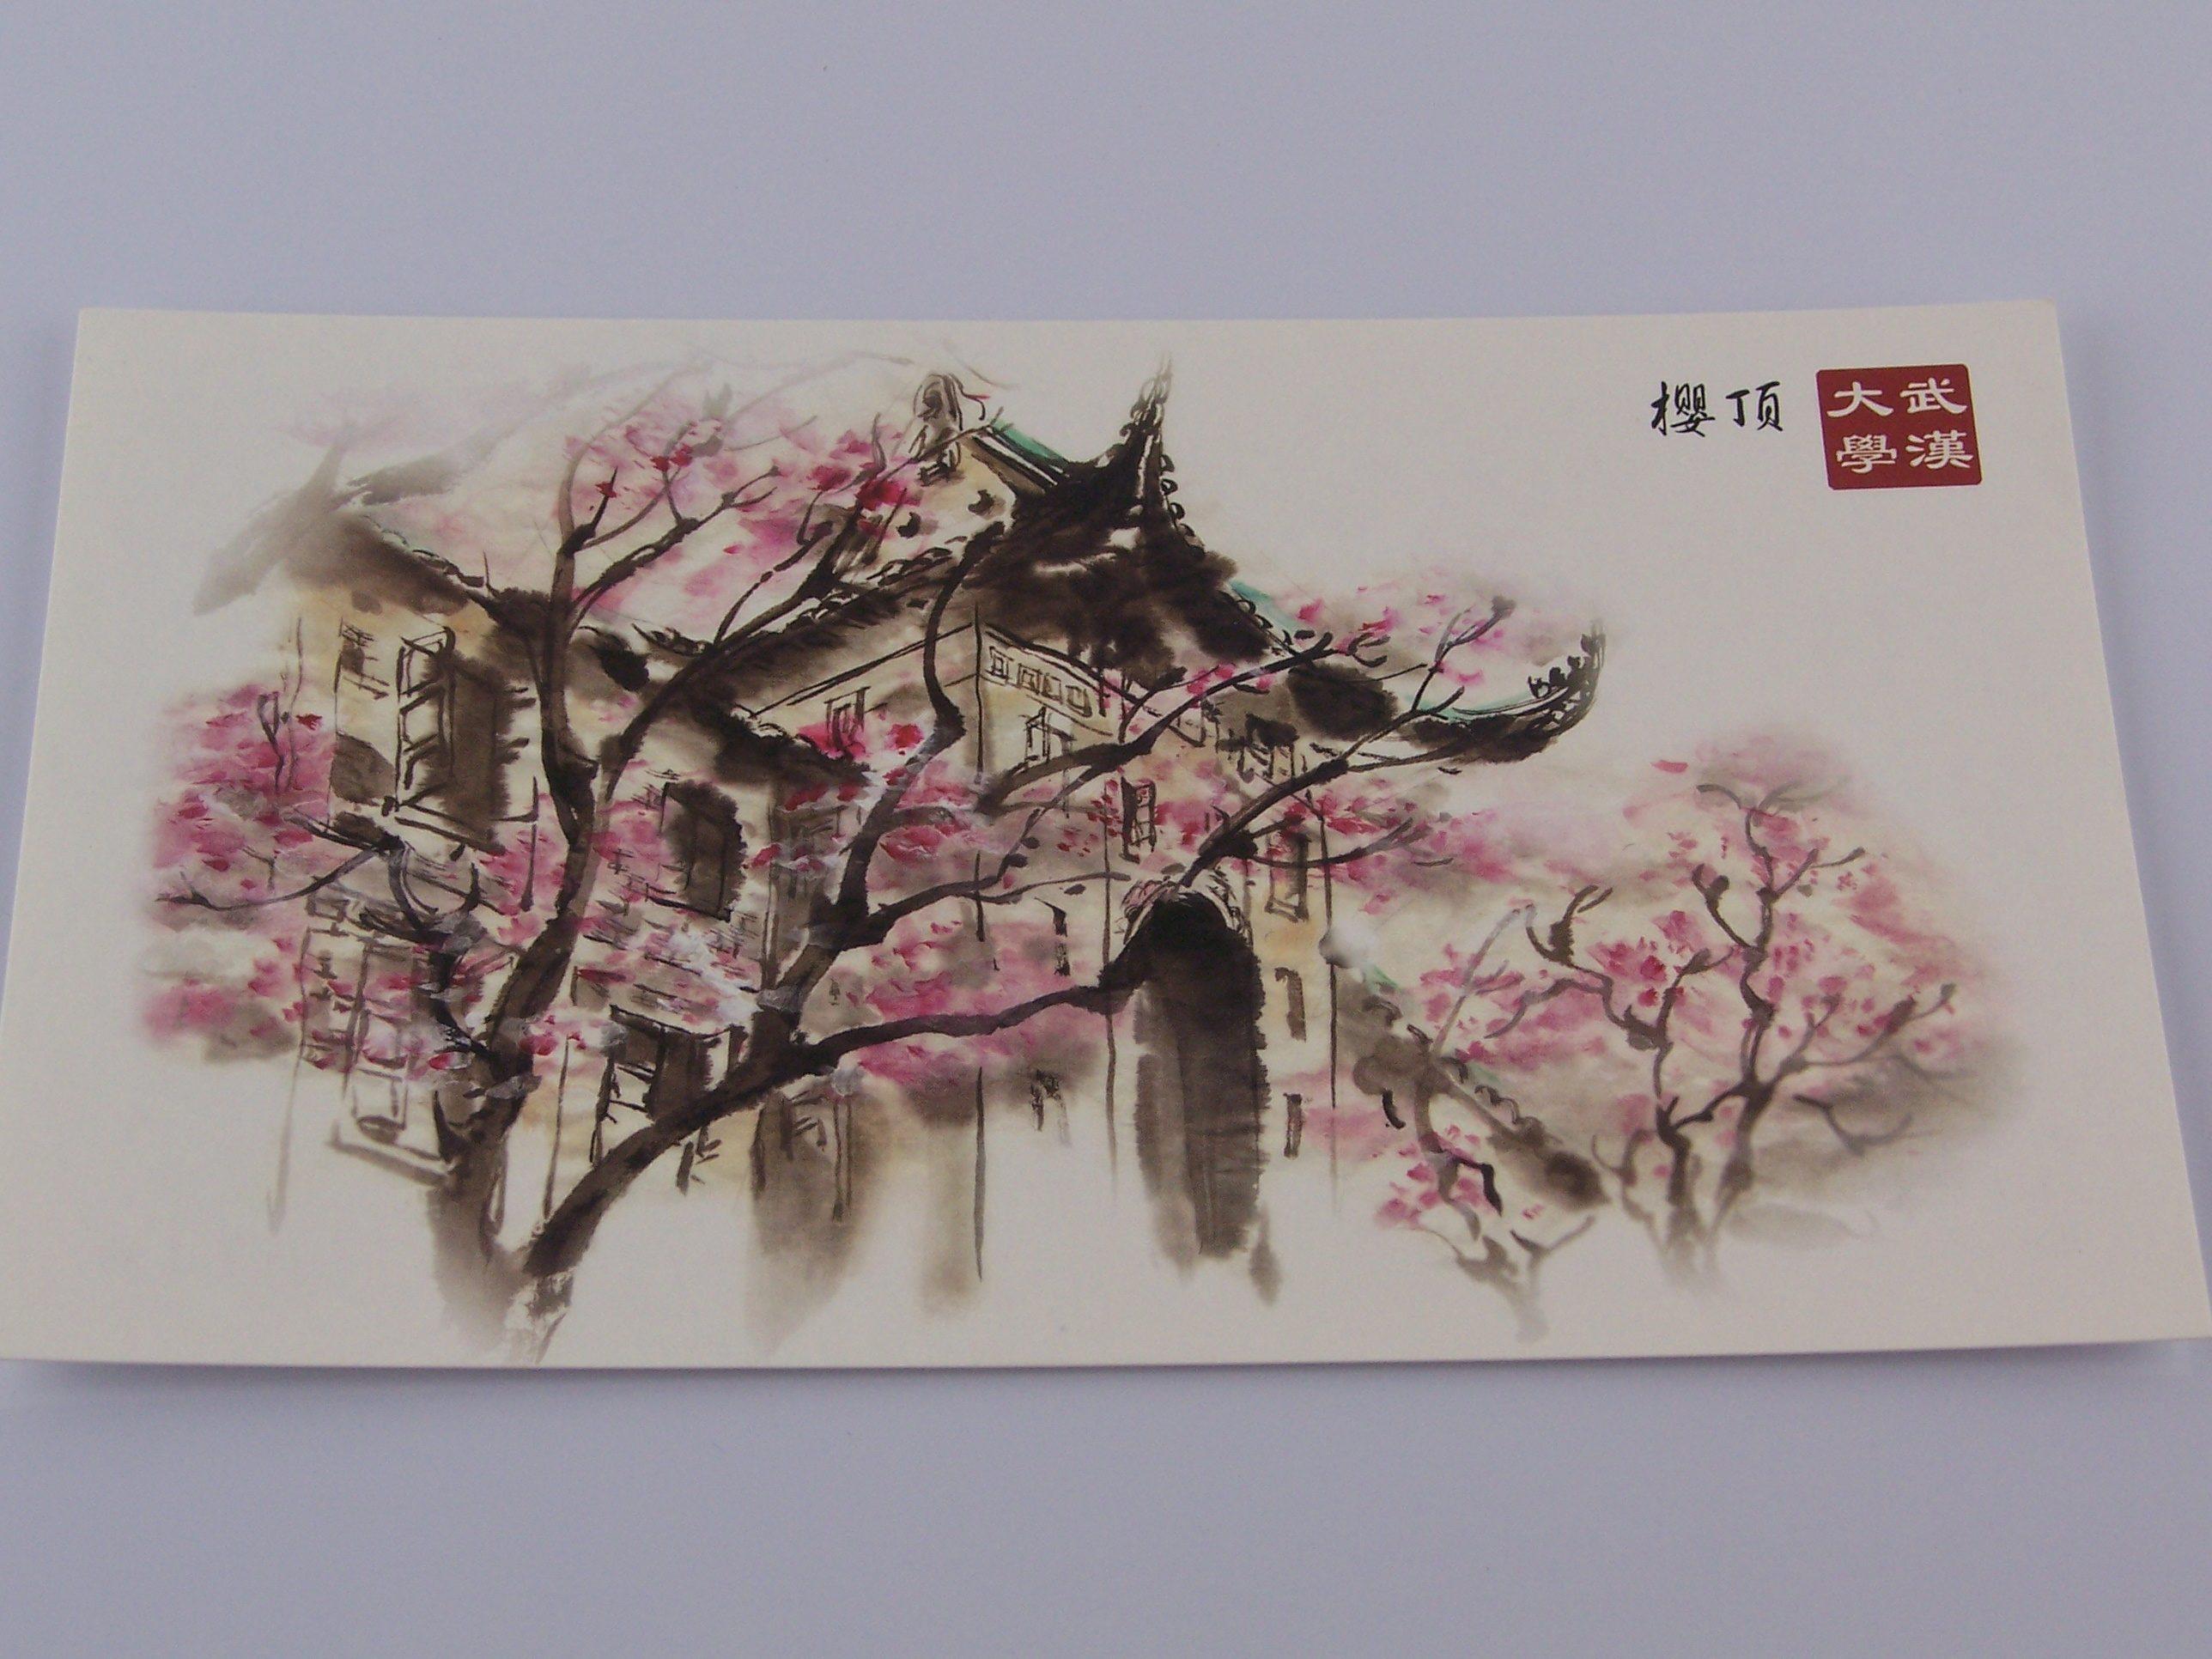 风景明信片 日本古风 原创手绘樱花明信片 自制创意diy 代写代寄图片